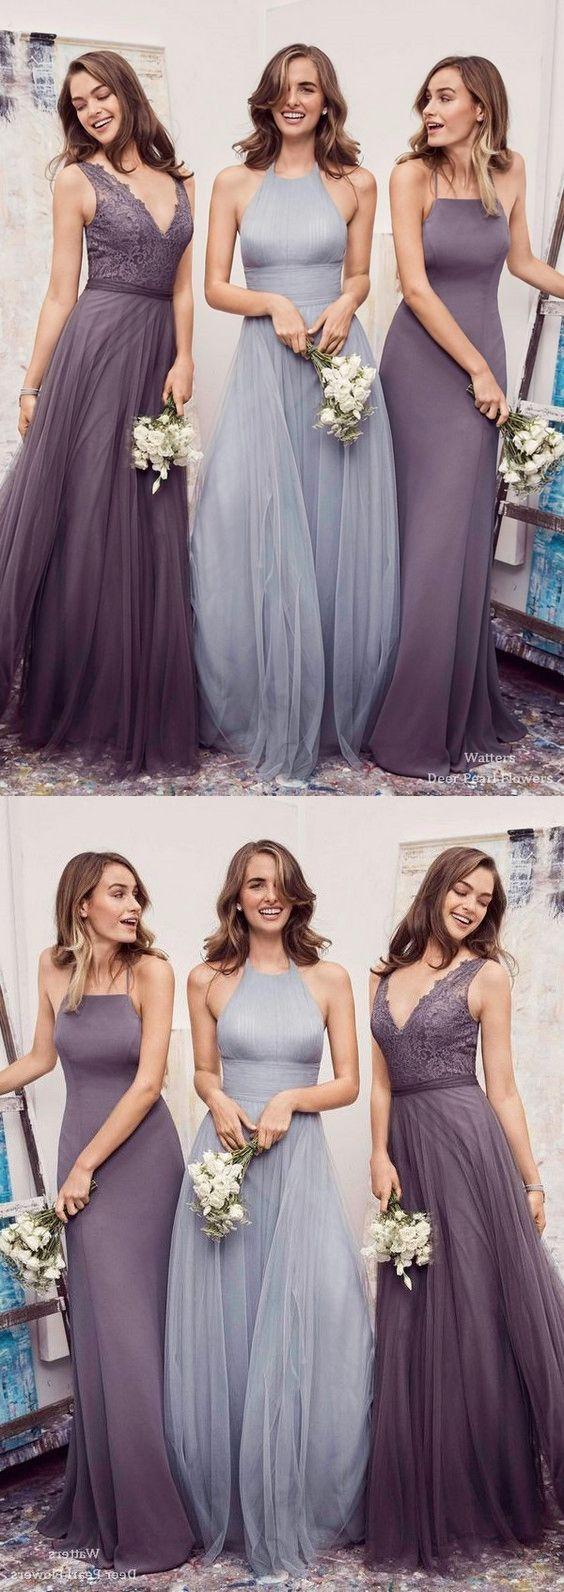 Lavenderlight blue chiffon bridesmaid dress halter v neck long